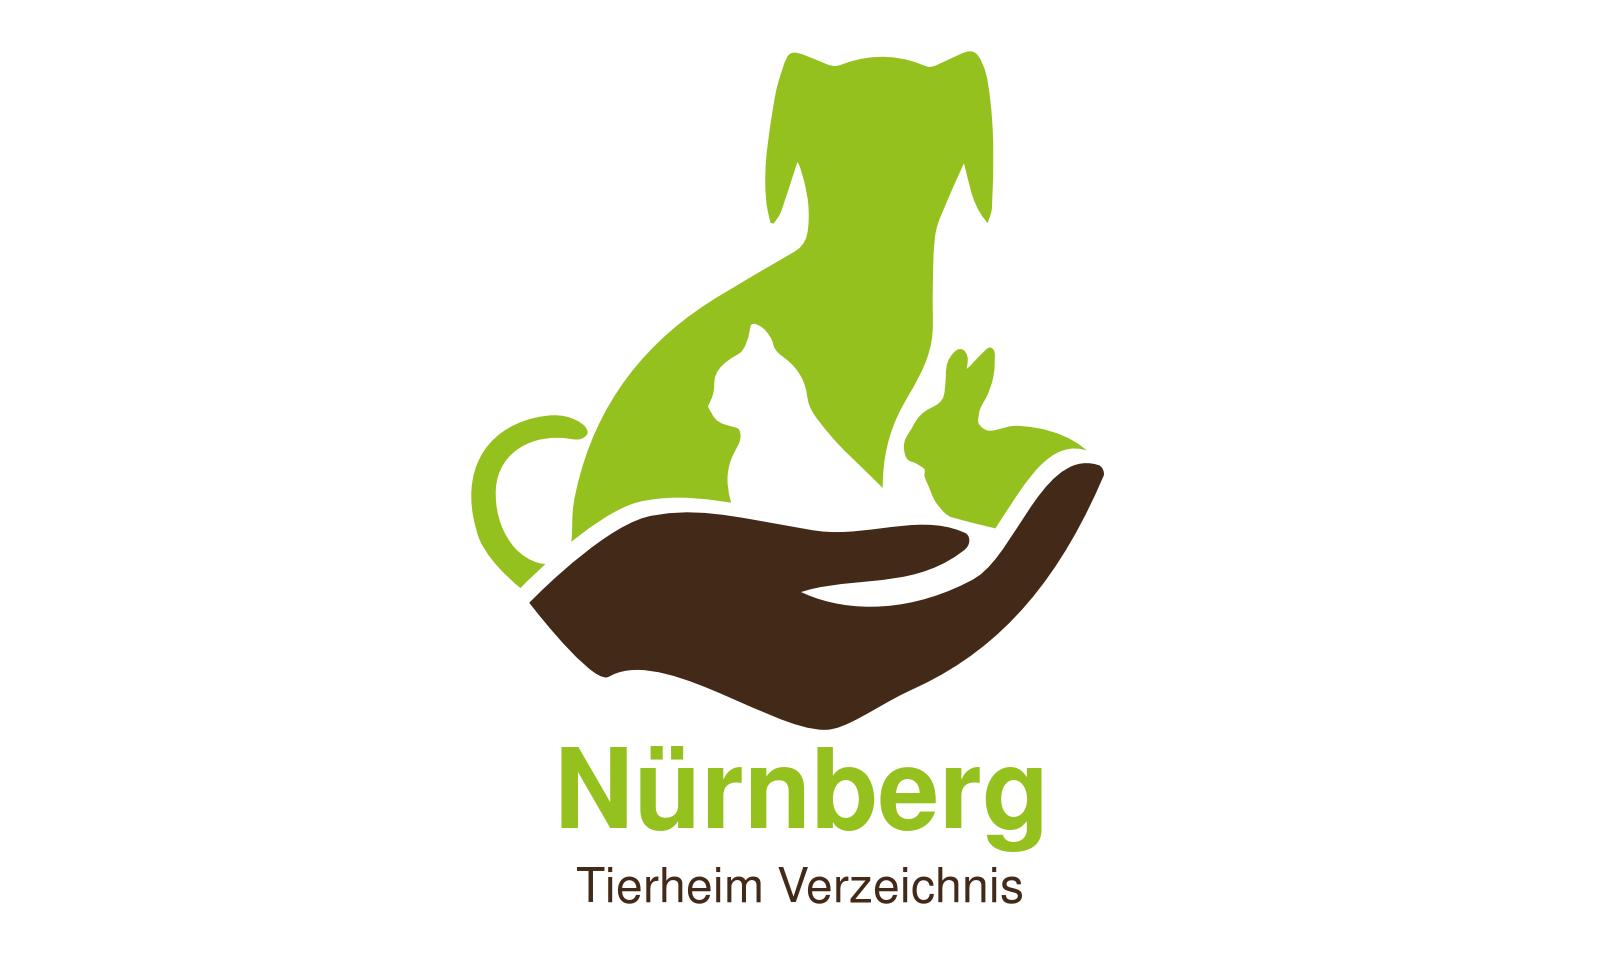 Tierheim Nürnberg